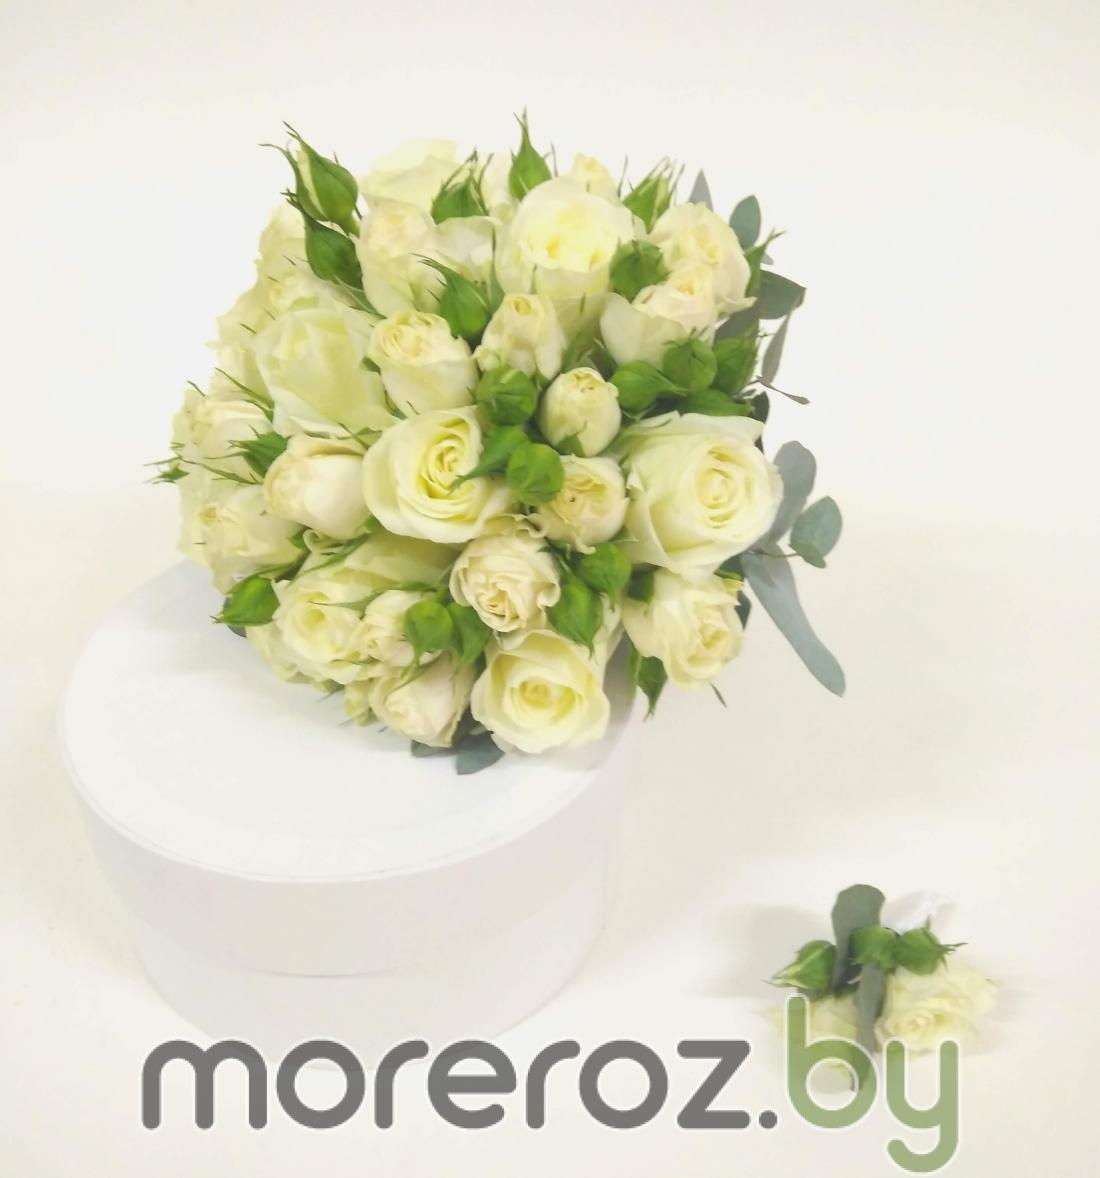 Букеты невесты от 59 руб, Розы премиум (Эквадор), розы РБ от  1,40 руб, кустовые розы от 2,90 руб/шт